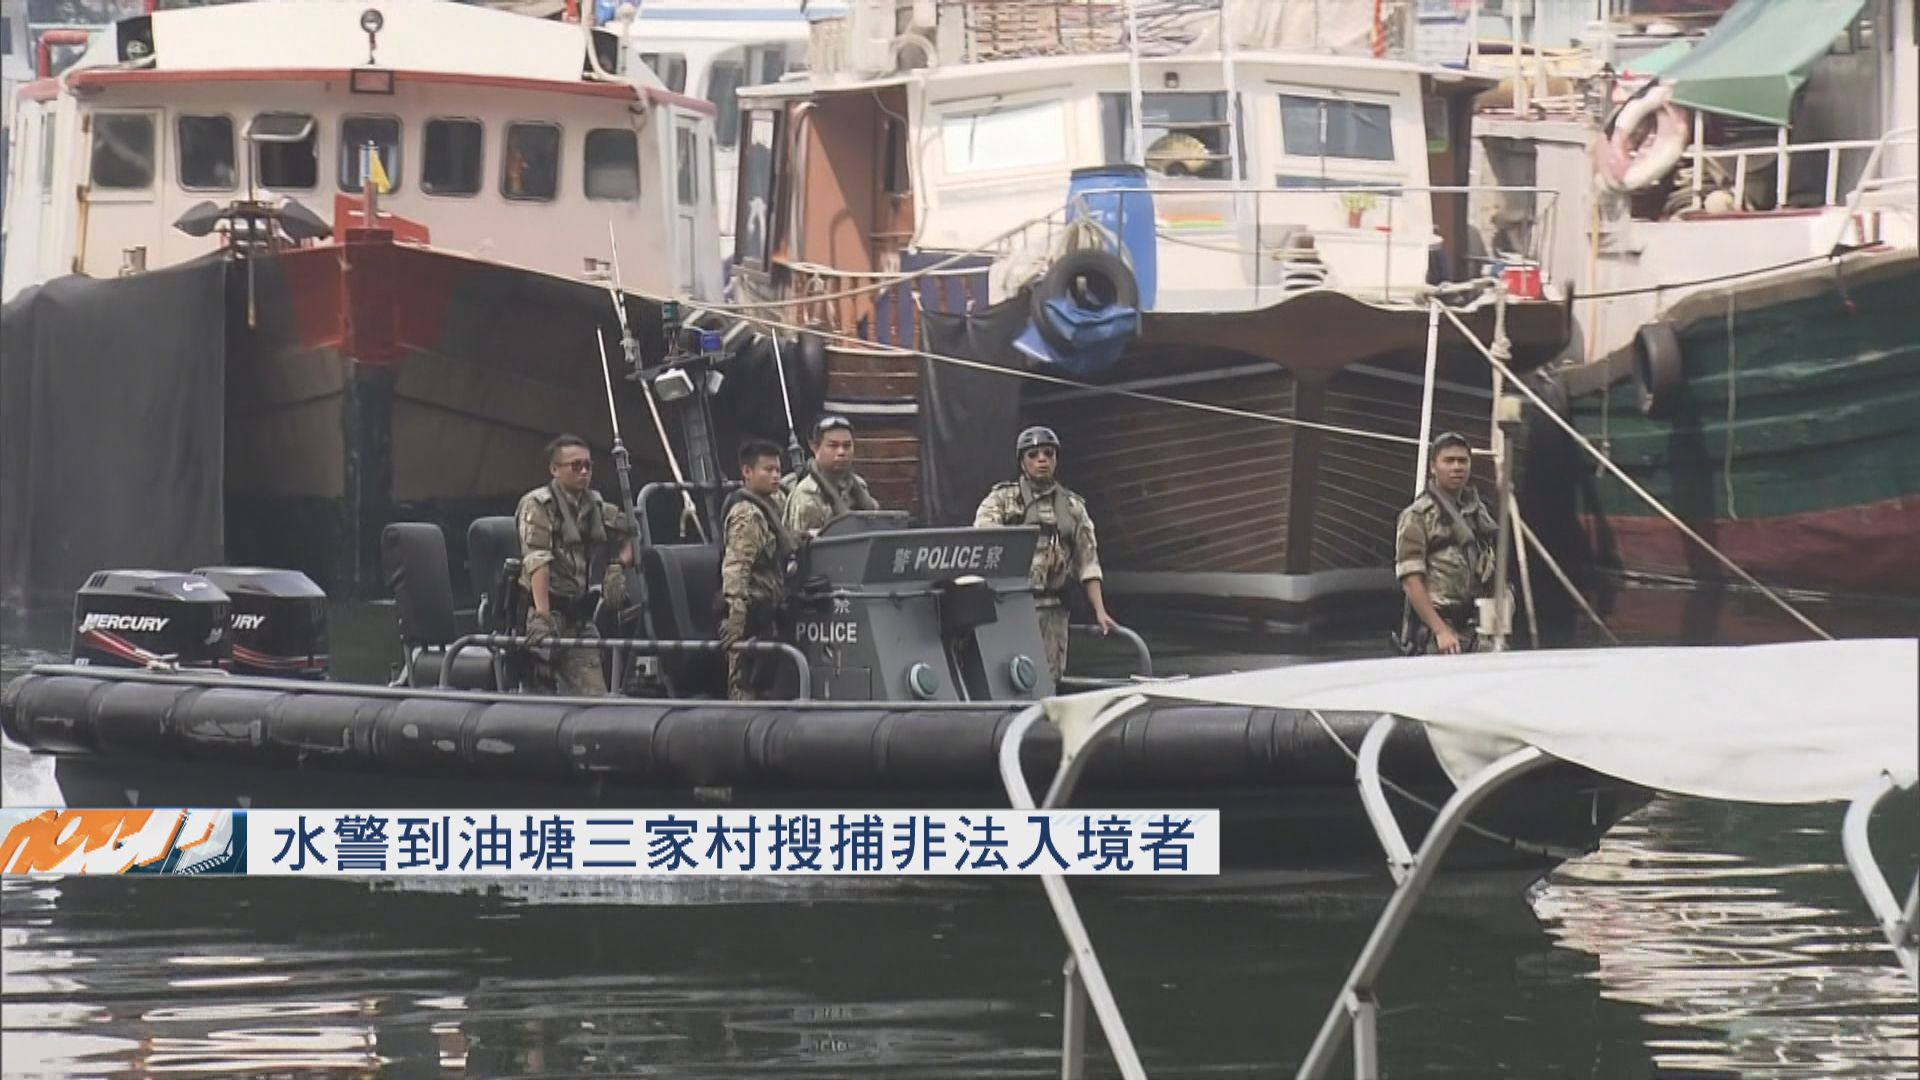 水警到三家村搜捕 初步指拘五非法入境者